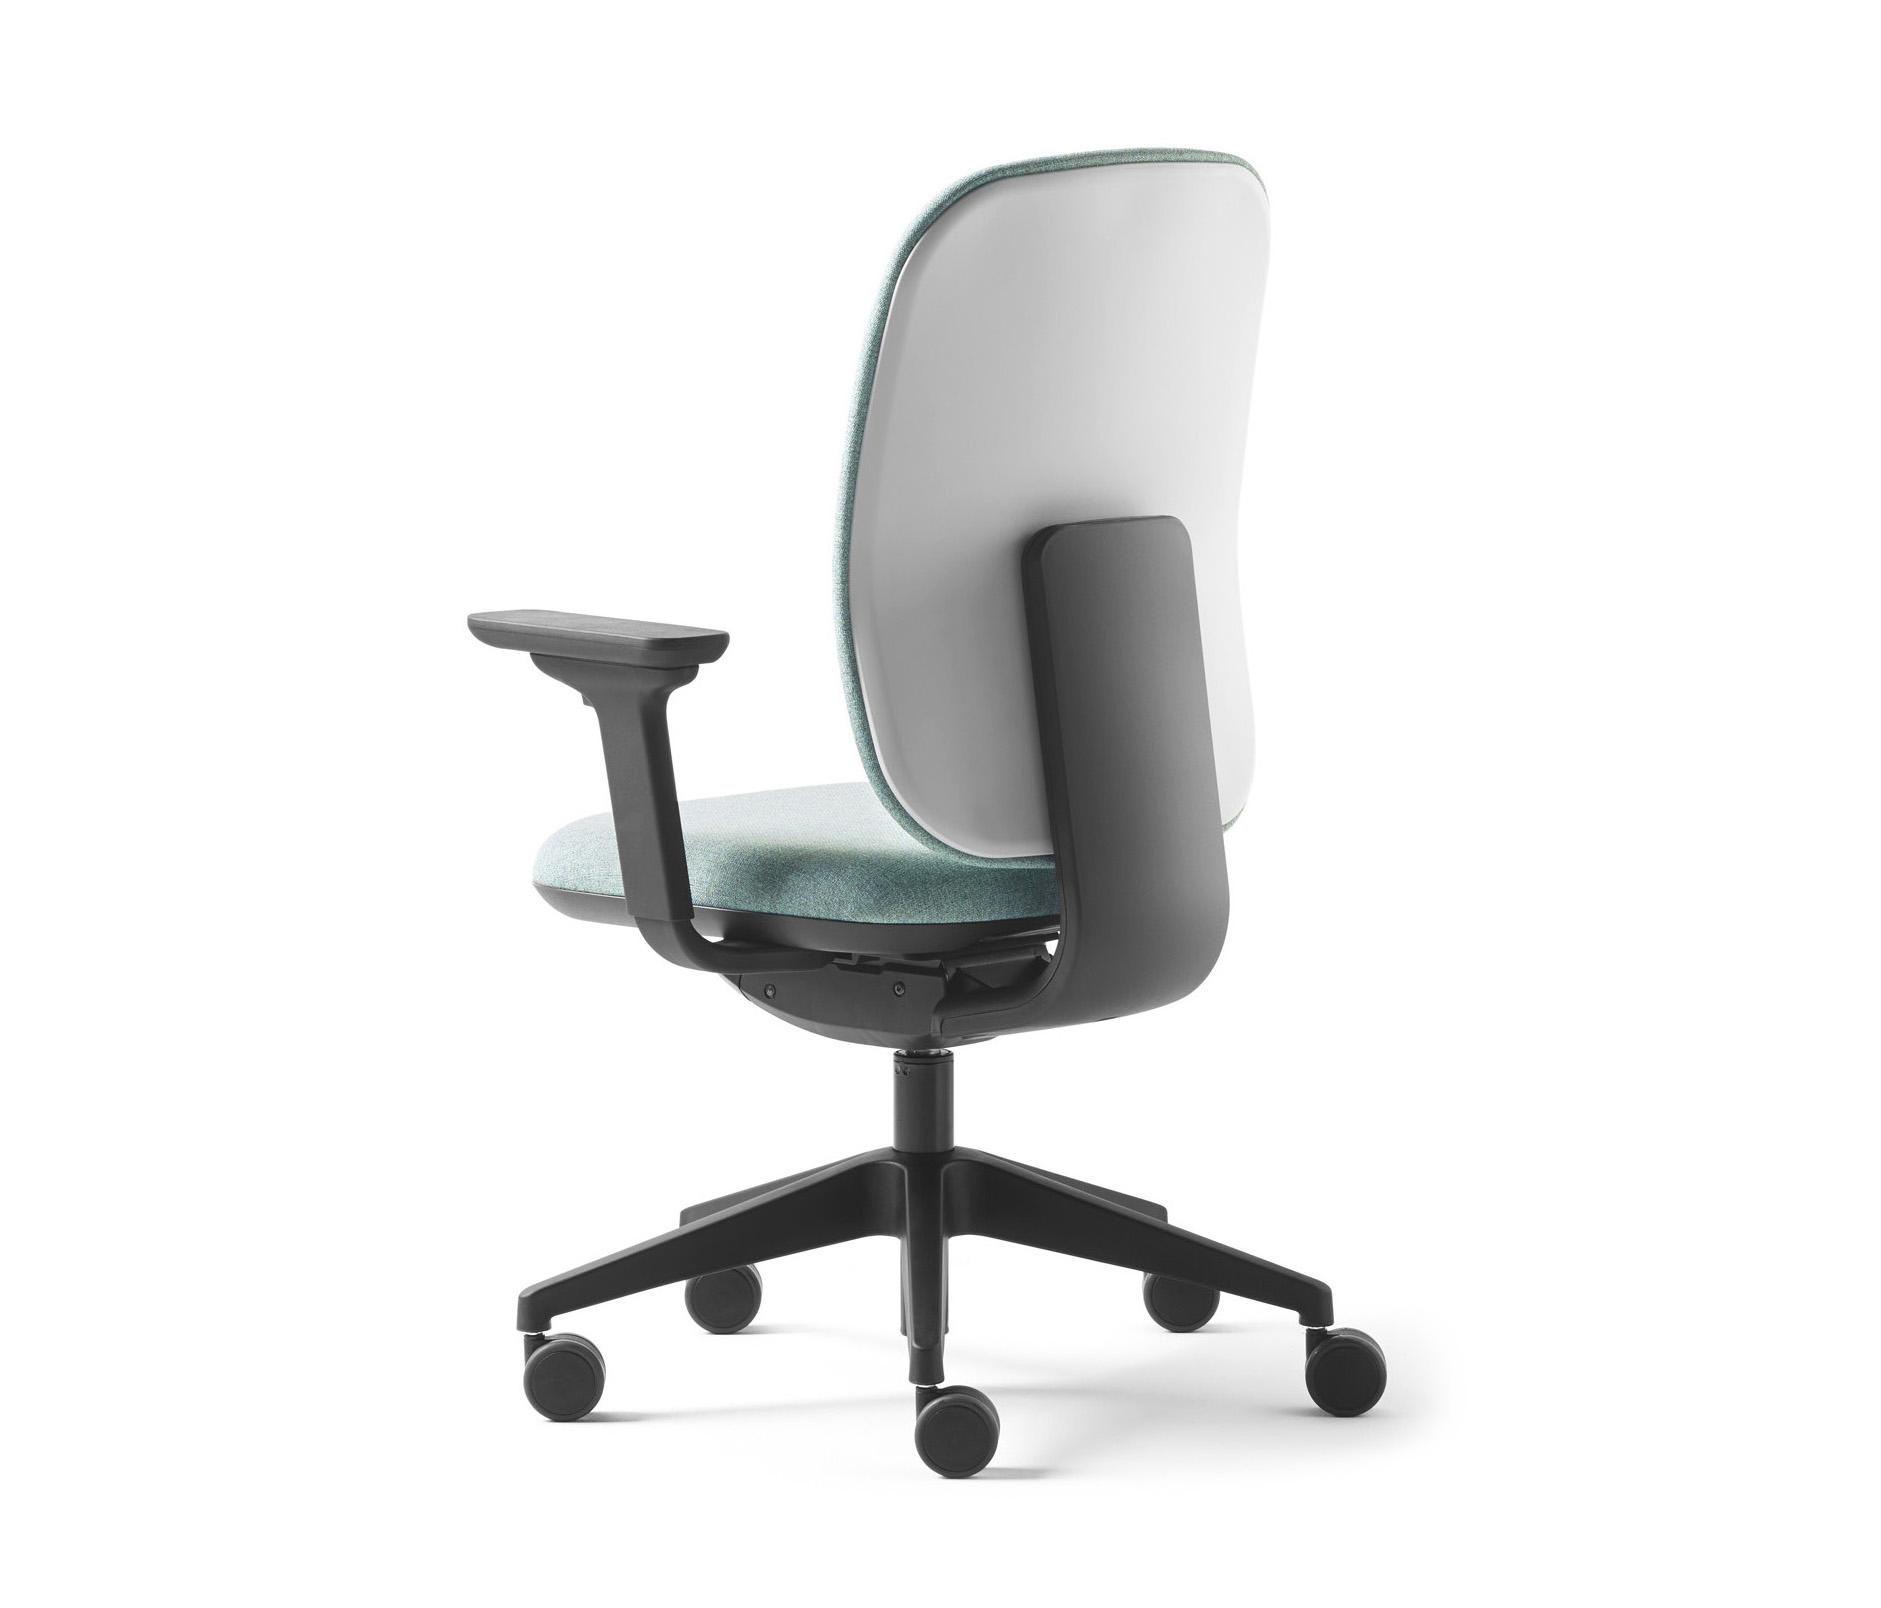 Alaia chaises de travail de sokoa architonic for Chaise de travail